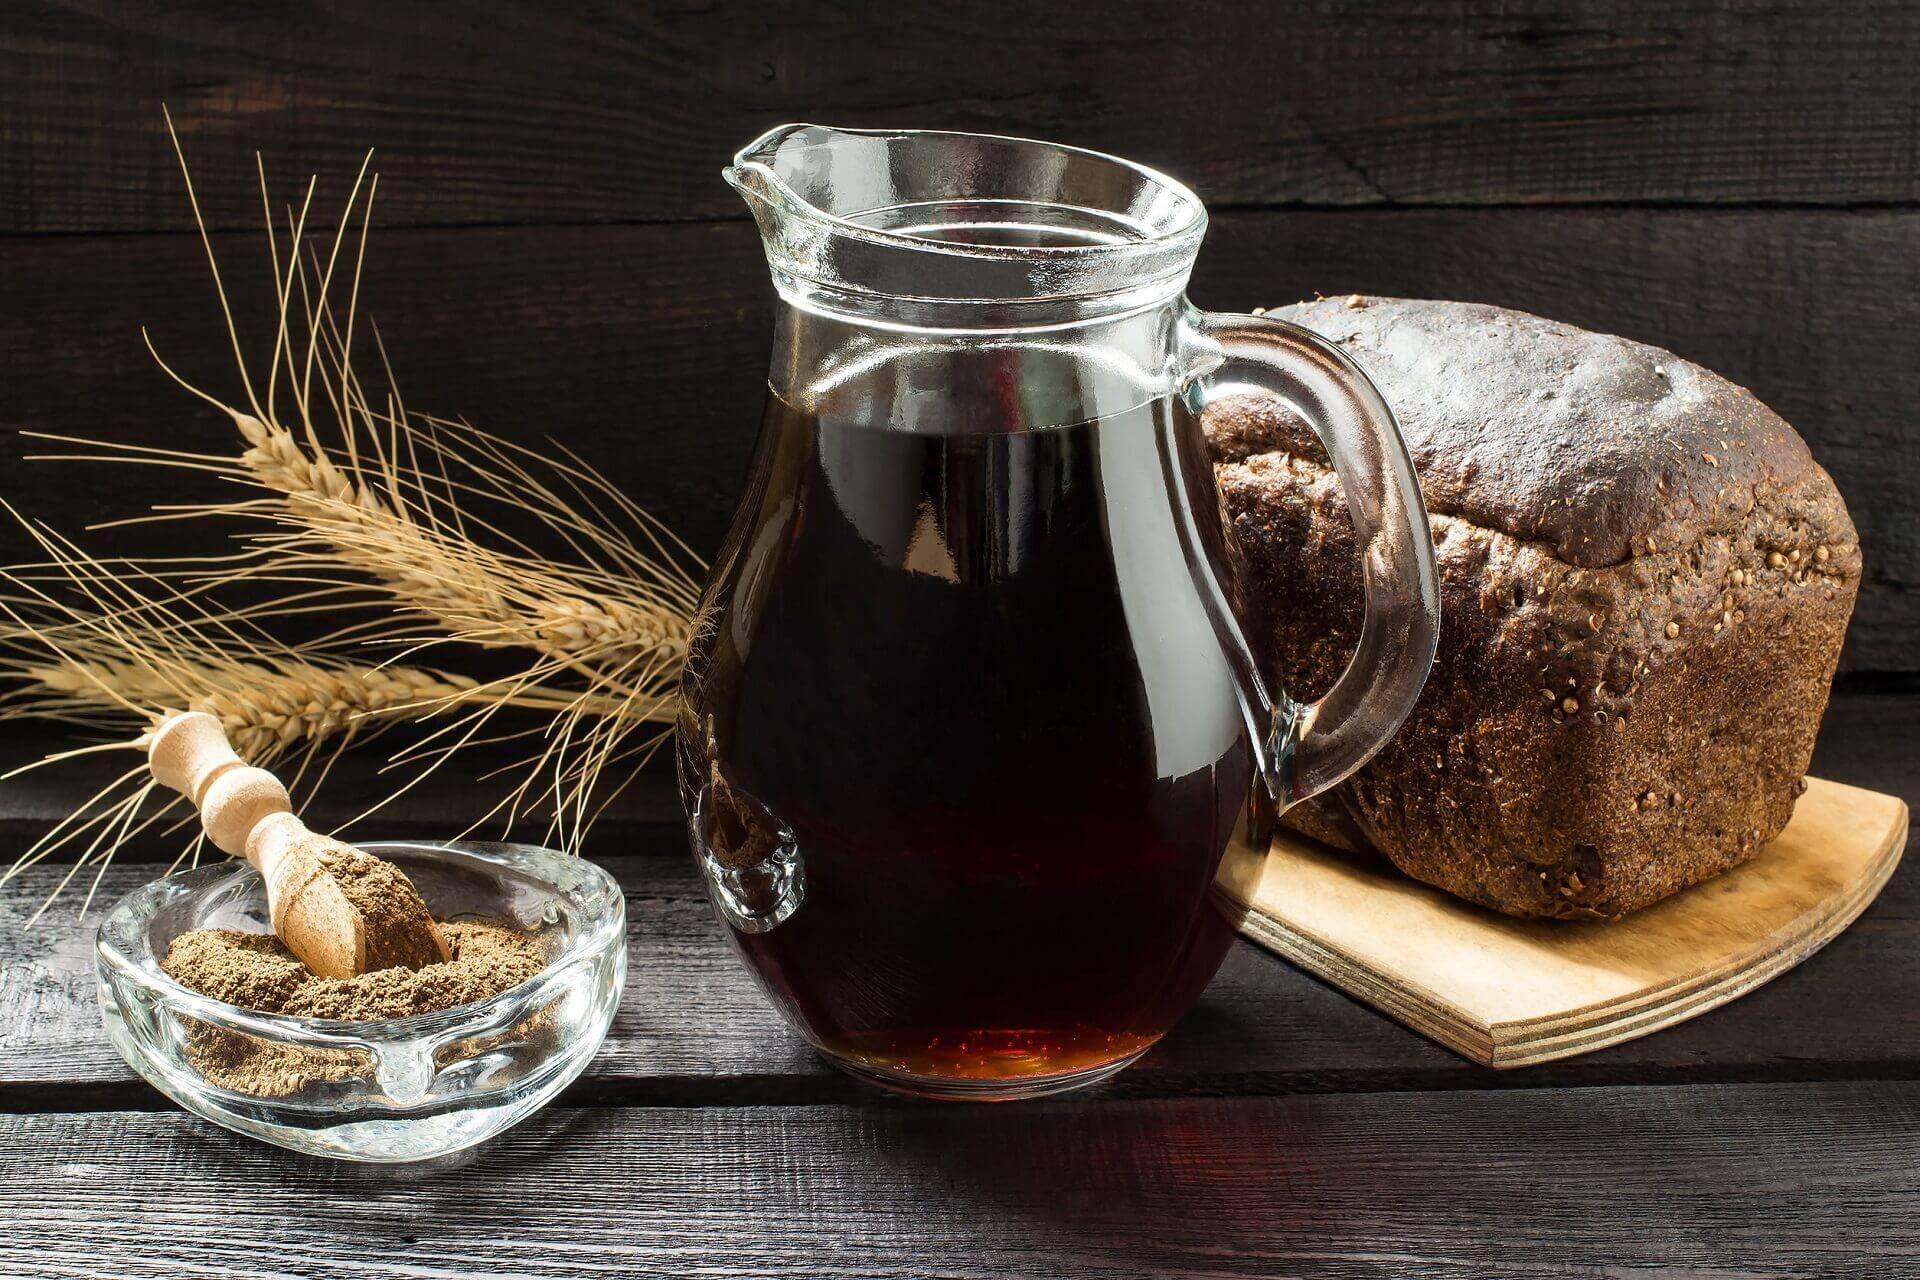 ТОП-5 рецептов кваса из березового сока с изюмом